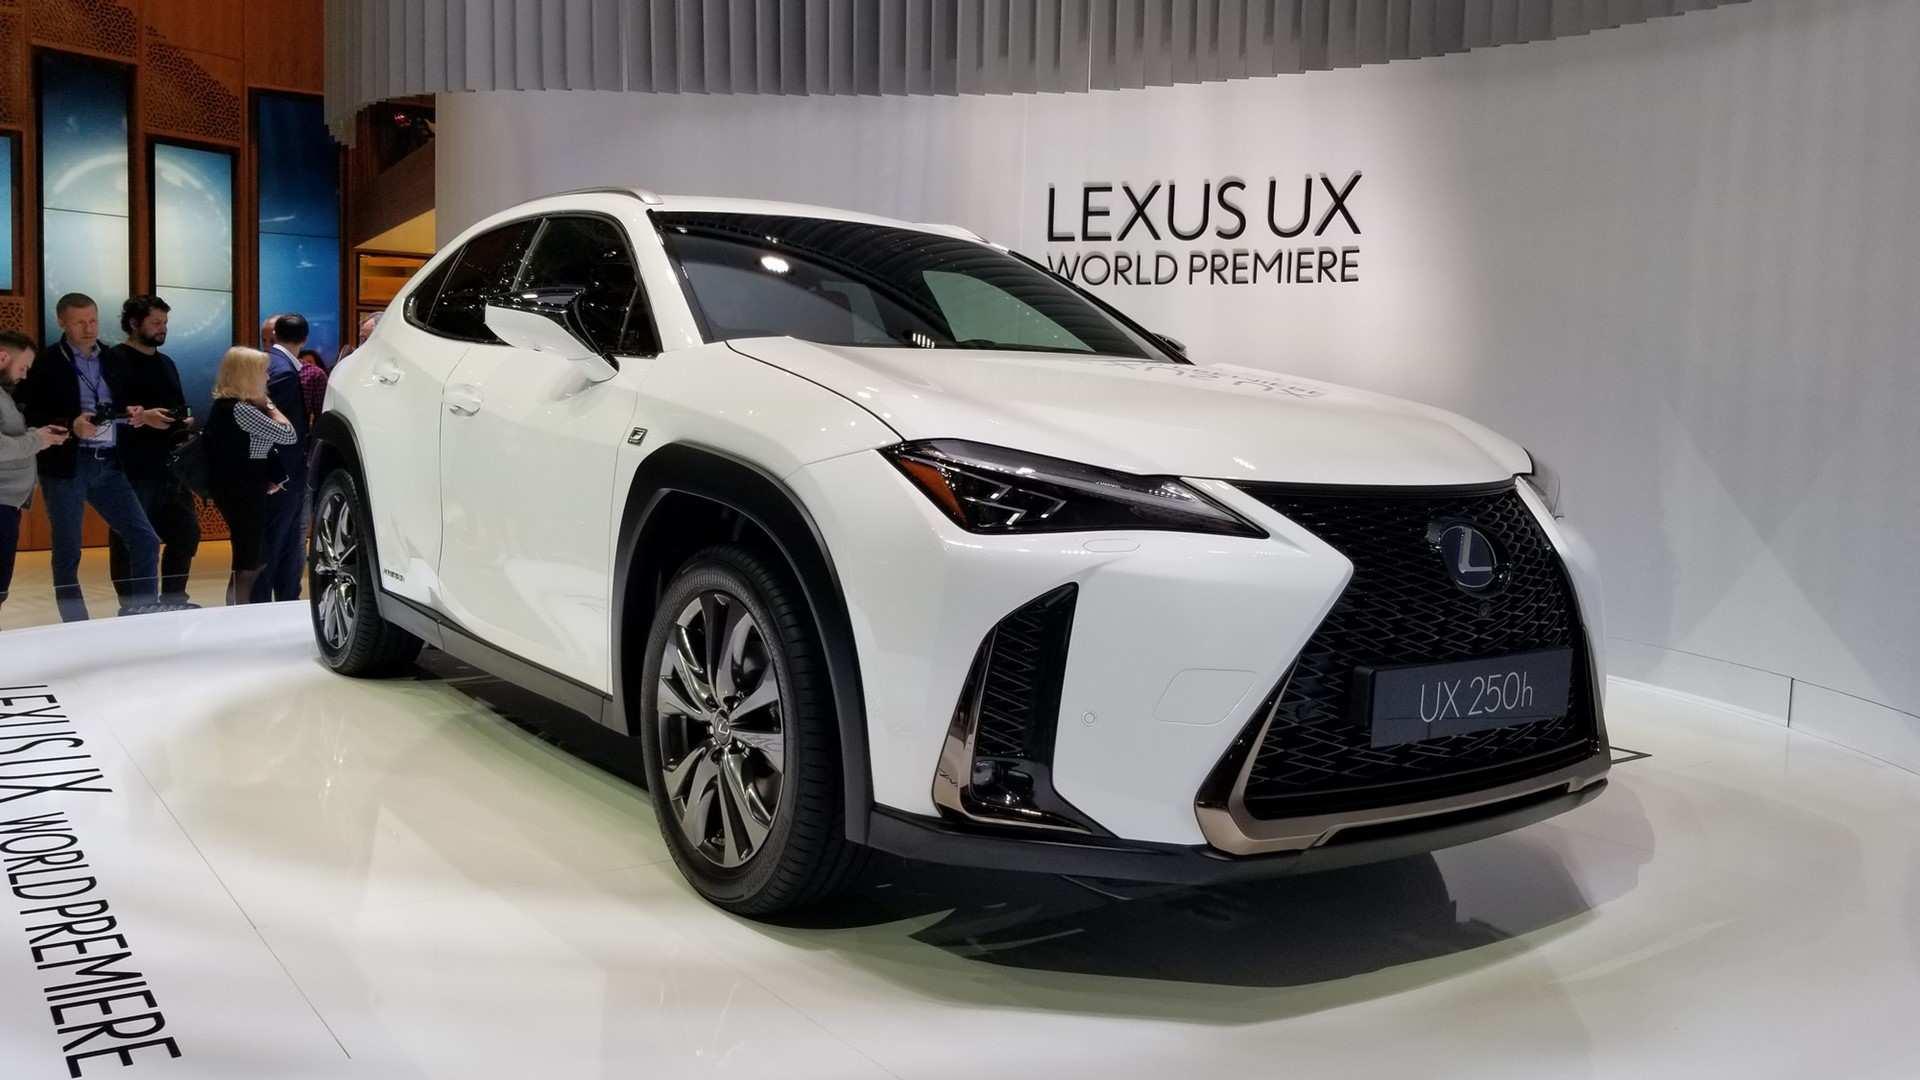 82 The 2020 Lexus Ux Exterior Canada Model for 2020 Lexus Ux Exterior Canada